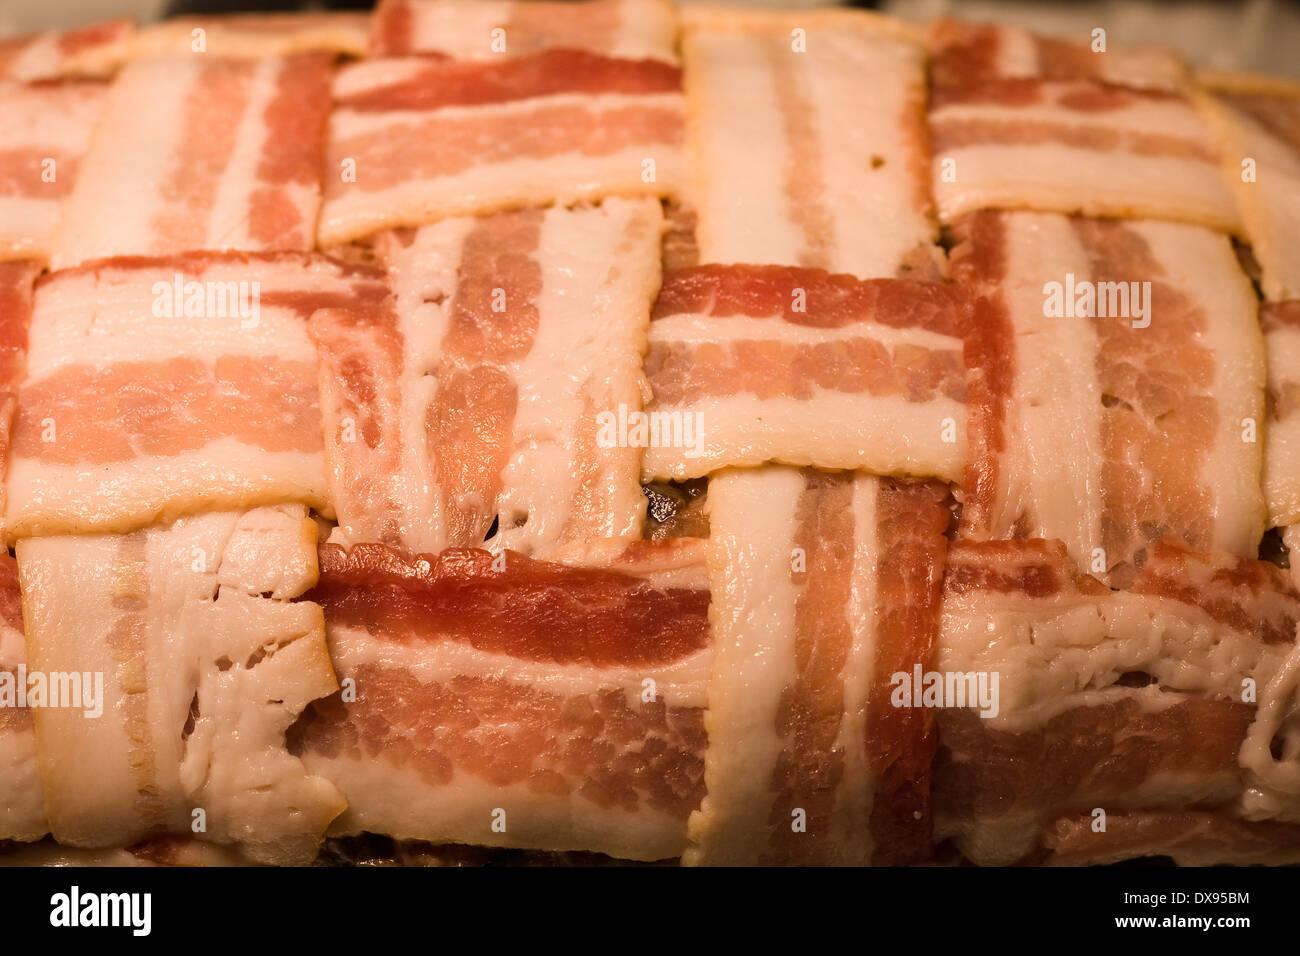 Pain de viande non cuite enveloppé de bacon dans un modèle corbeille assis dans un plat de cuisson Pyrex Photo Stock